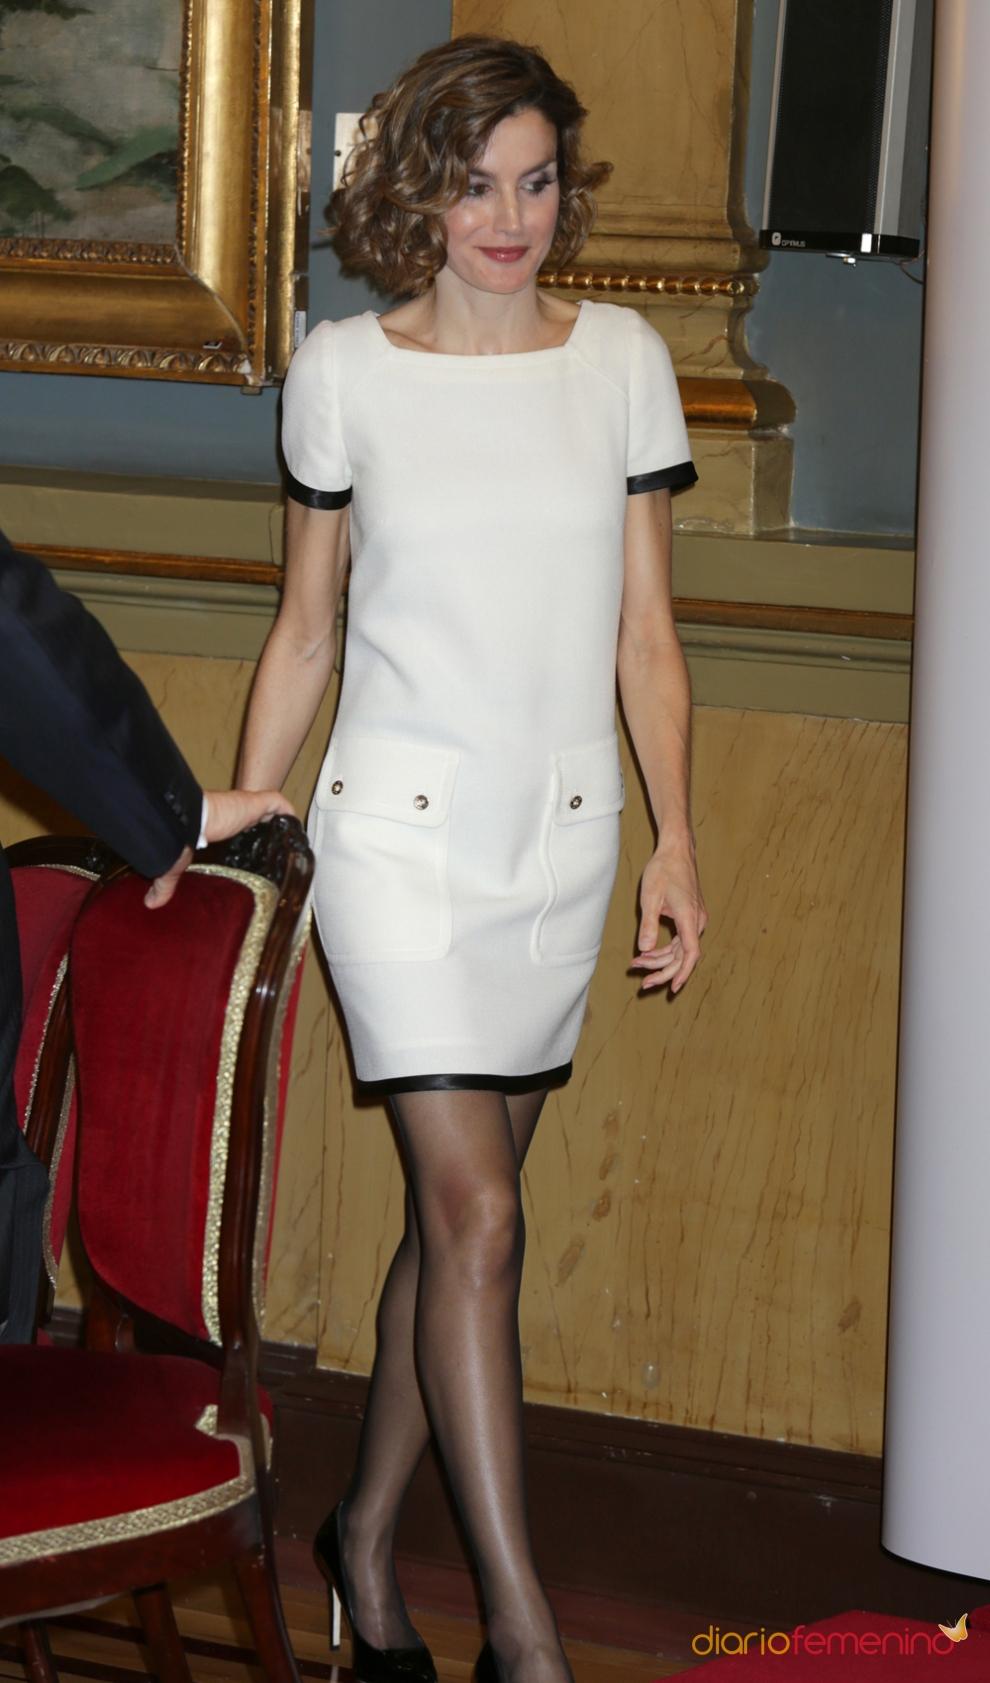 Braulio comprate un vestido blanco